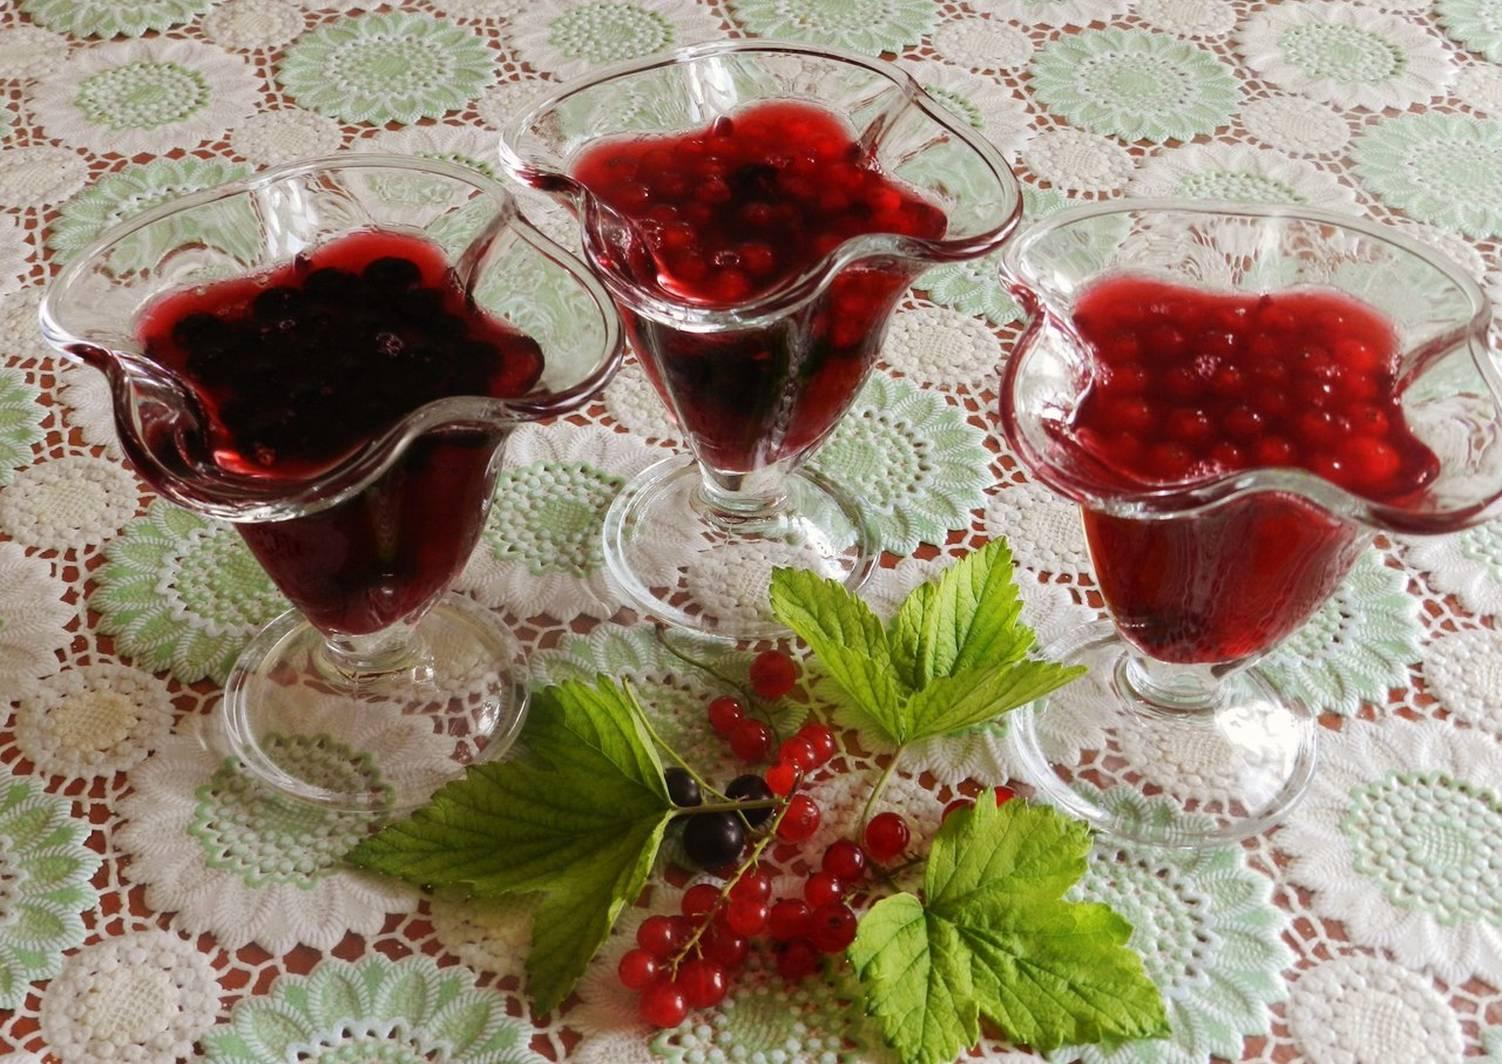 Кисель из замороженных ягод клюквы и черной смородины рецепт с фото - 1000.menu